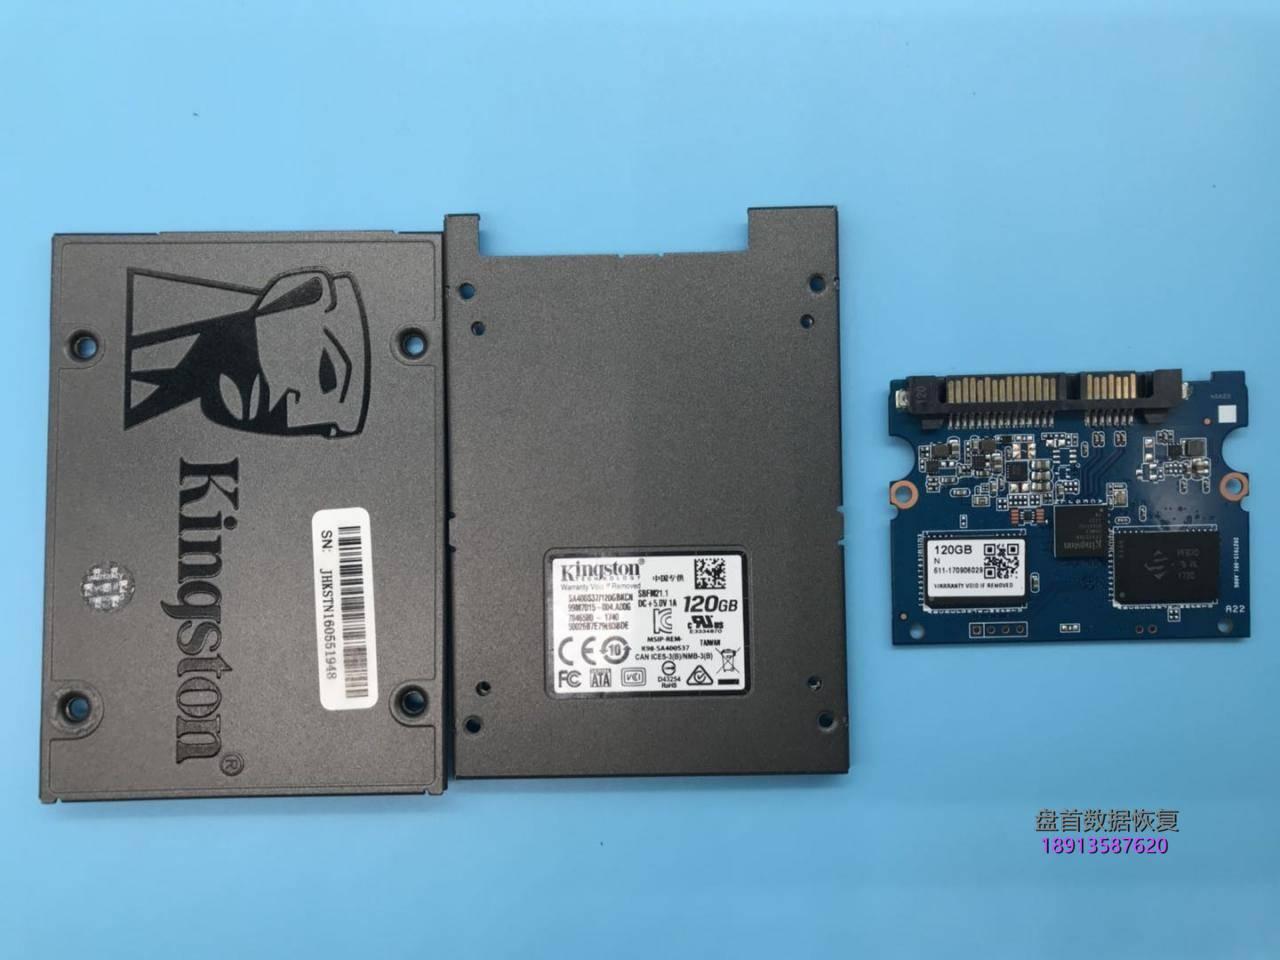 金士顿sa400s37固态硬盘变成satafirm-s11主控型号为cp33238bps3111数据完美 金士顿SA400S37固态硬盘变成satafirm s11主控型号为CP33238B(PS3111)数据完美恢复